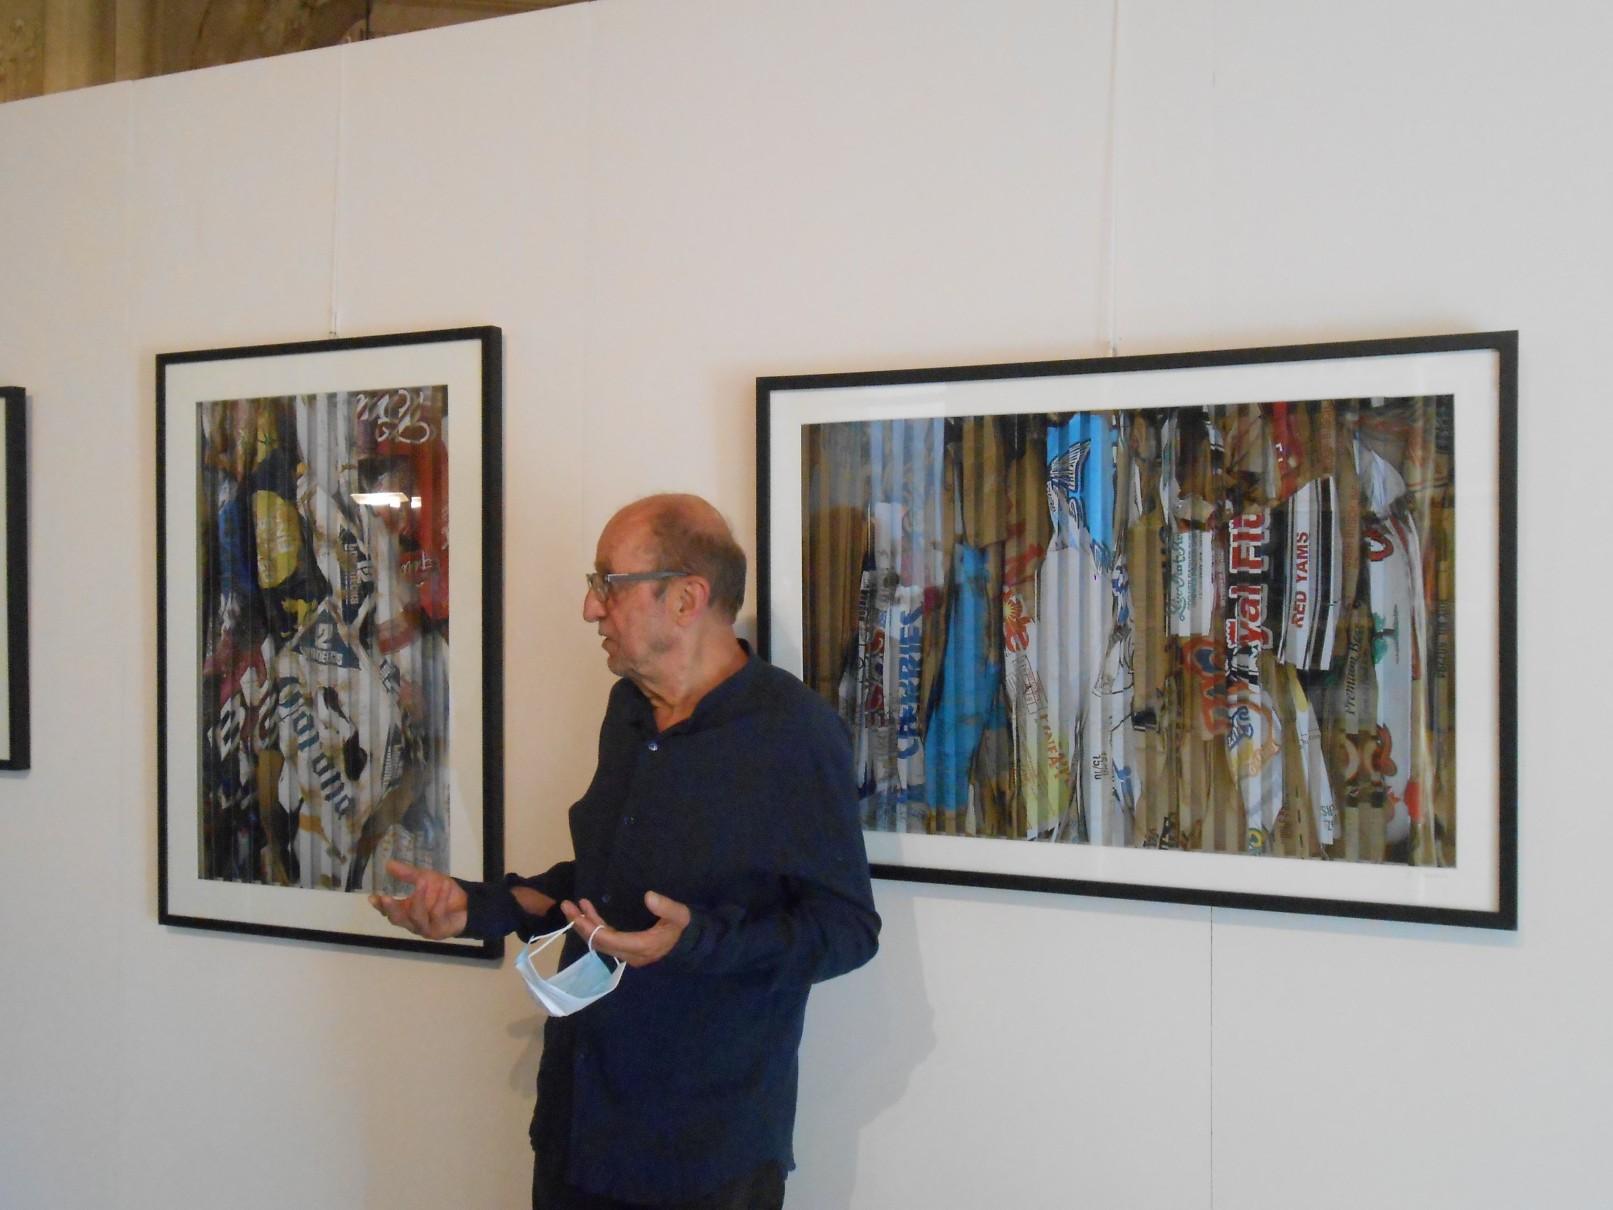 Jacques Renoir: chiacchierata a Firenze attorniato dalle sue opere